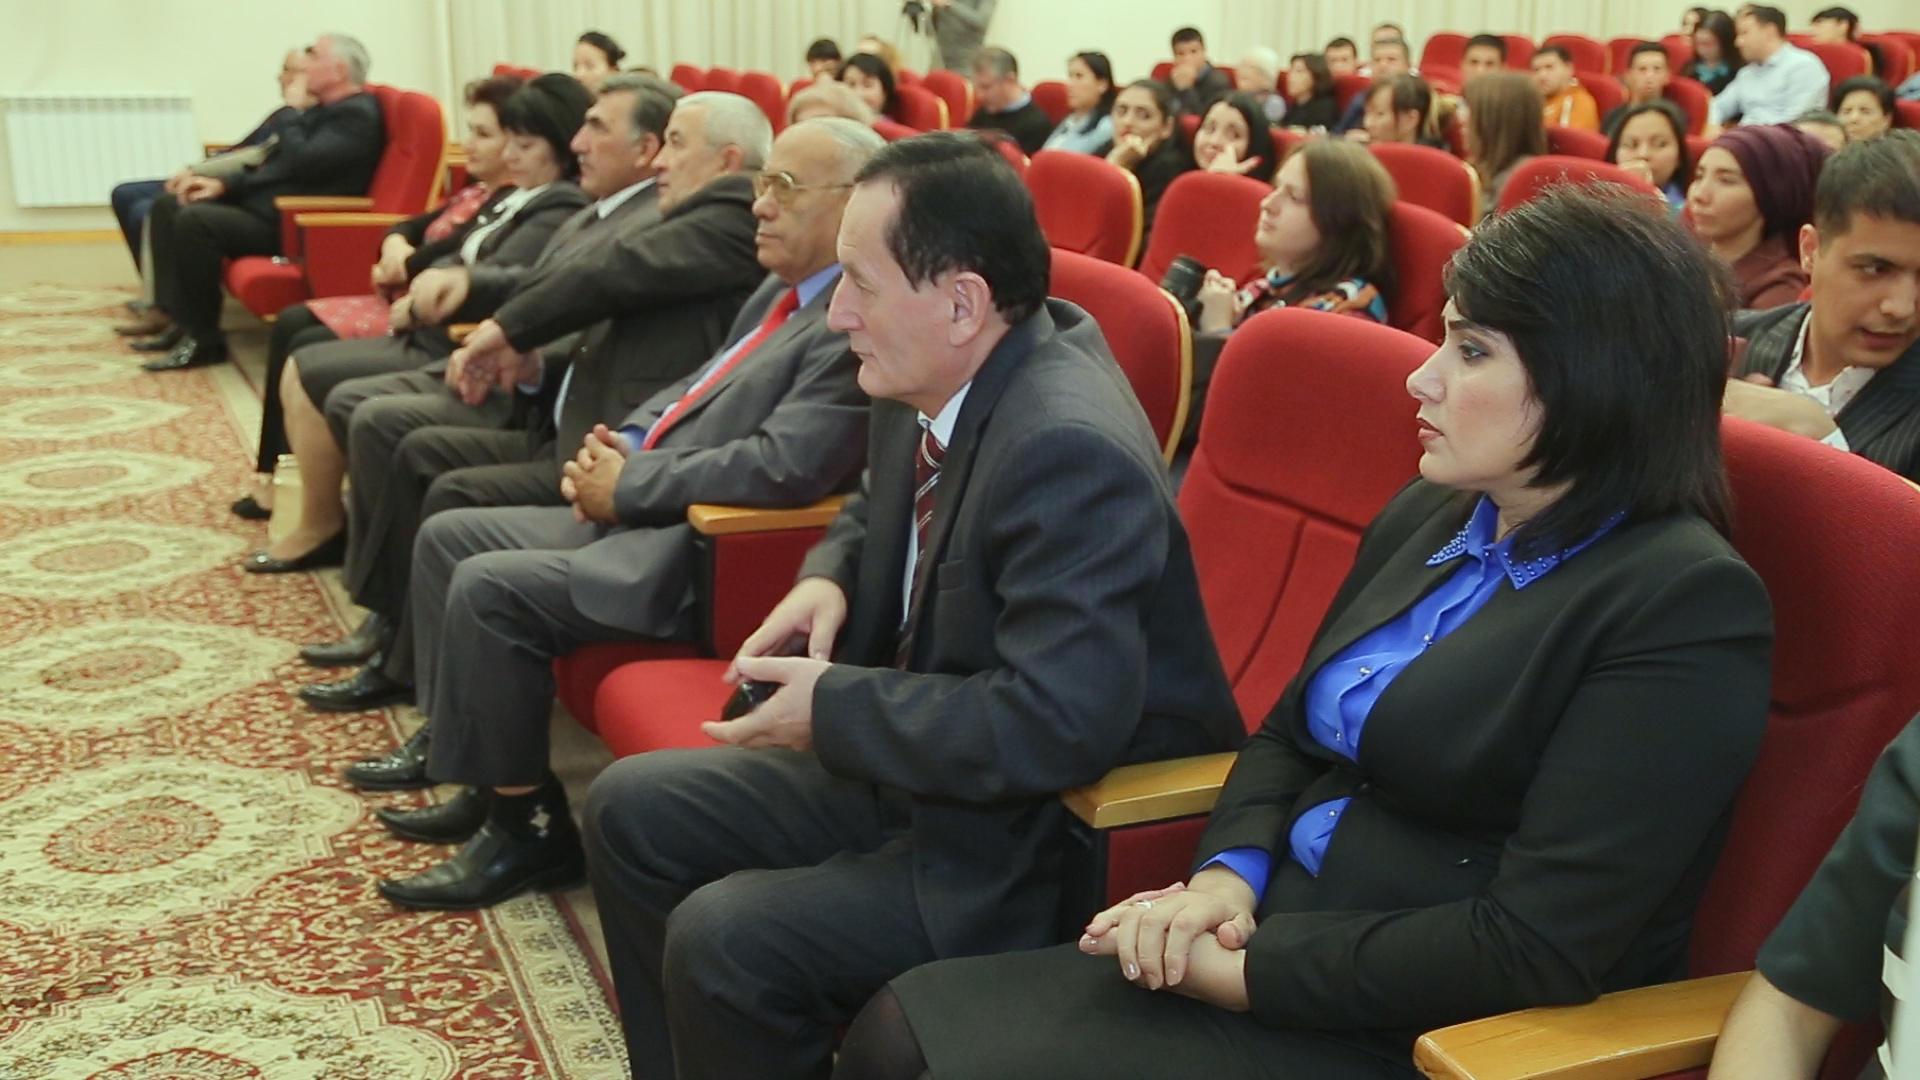 Daşkənddə Azərbaycan xalçalarının daimi sərgi zalının açılışı olub (FOTO) - Gallery Image